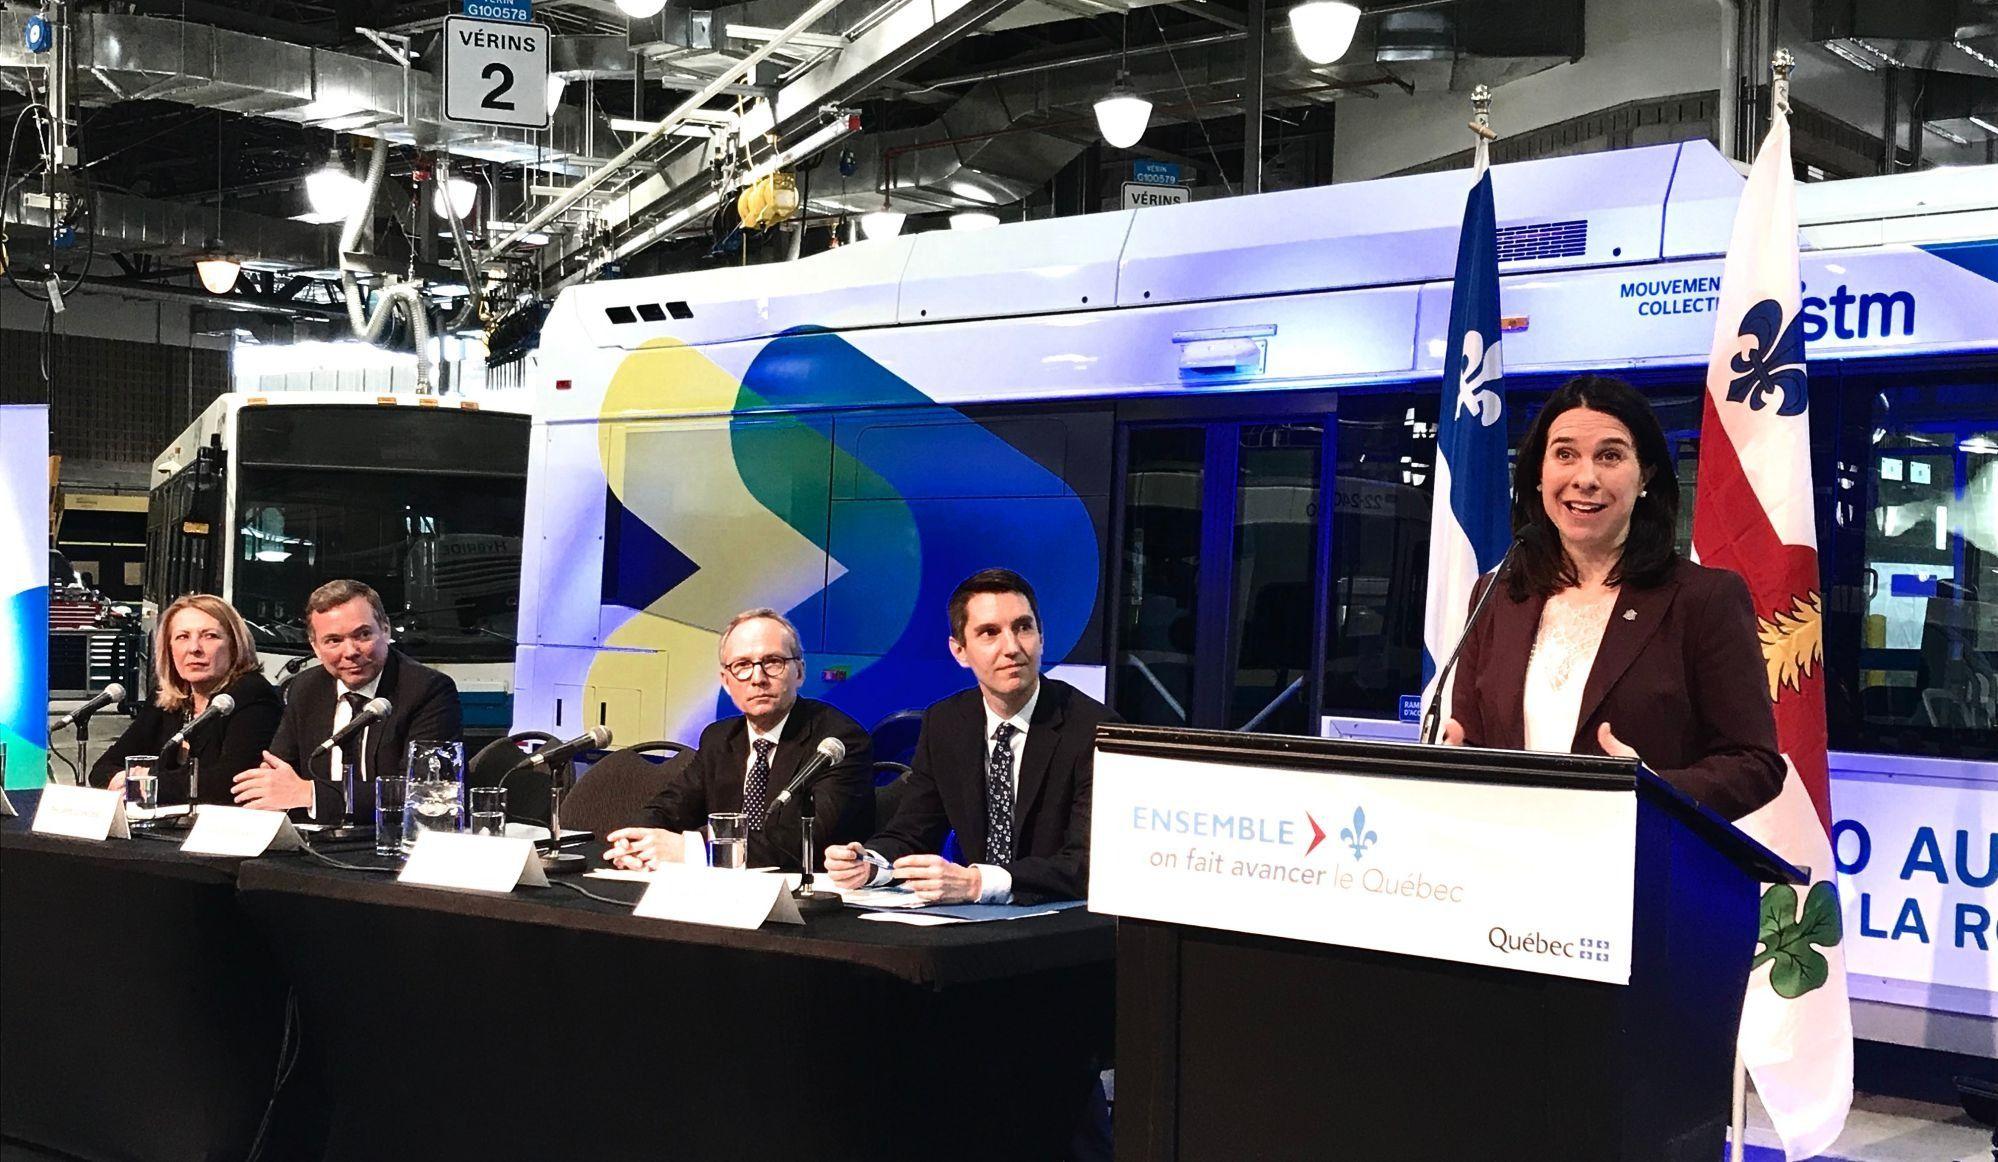 Un appel d'offres pour 300 autobus hybrides